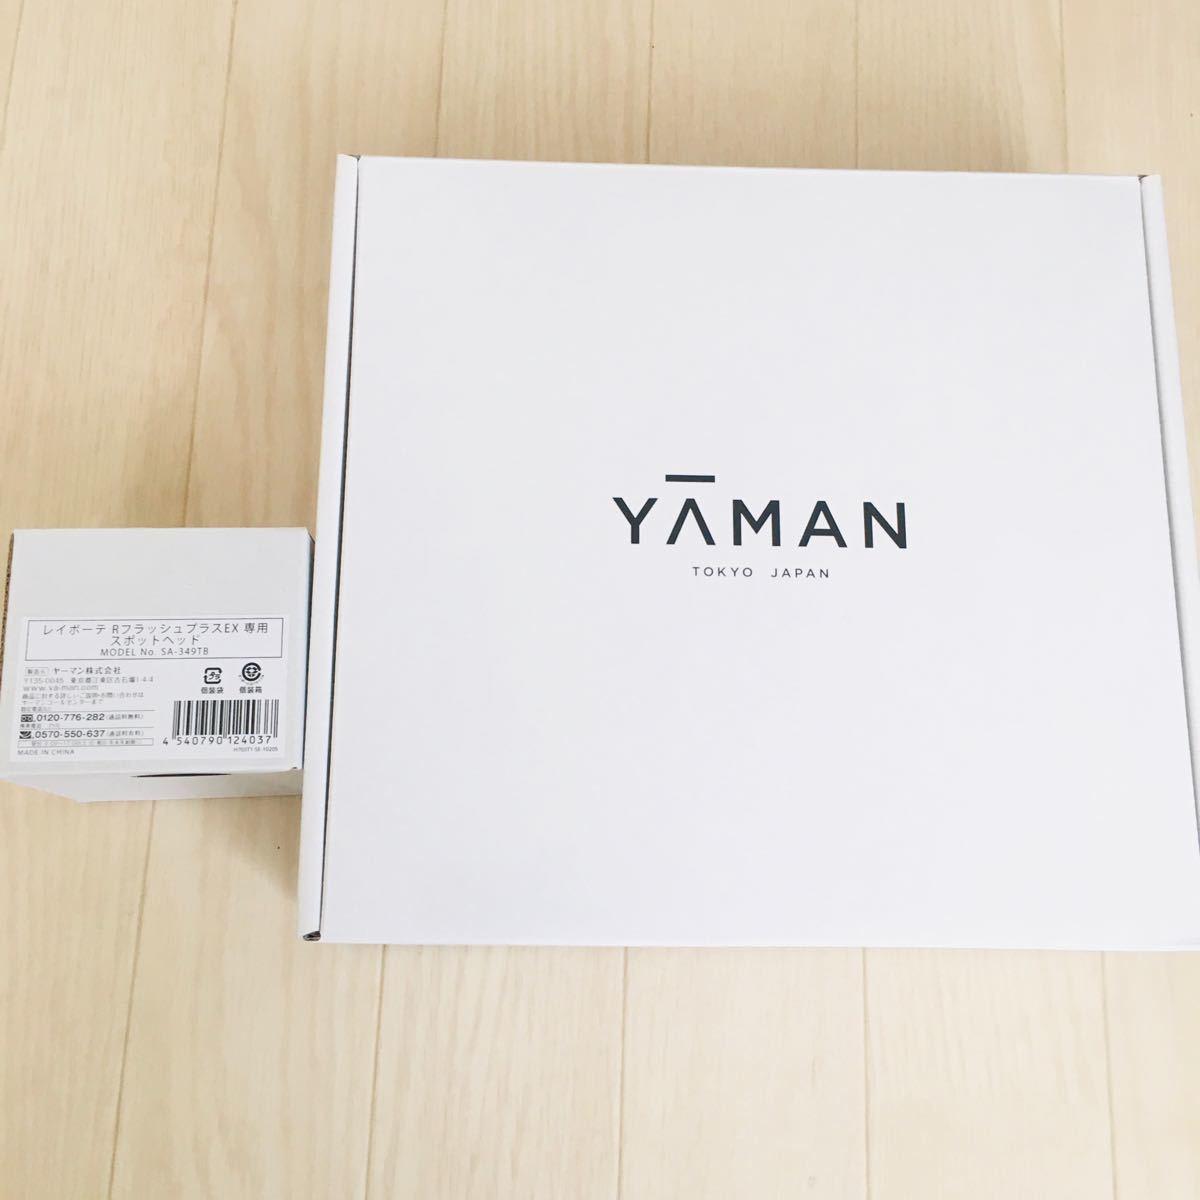 ヤーマン 光美容器 レイボーテ Rフラッシュプラス エクストラ STA197T YA-MAN スポットヘッド付